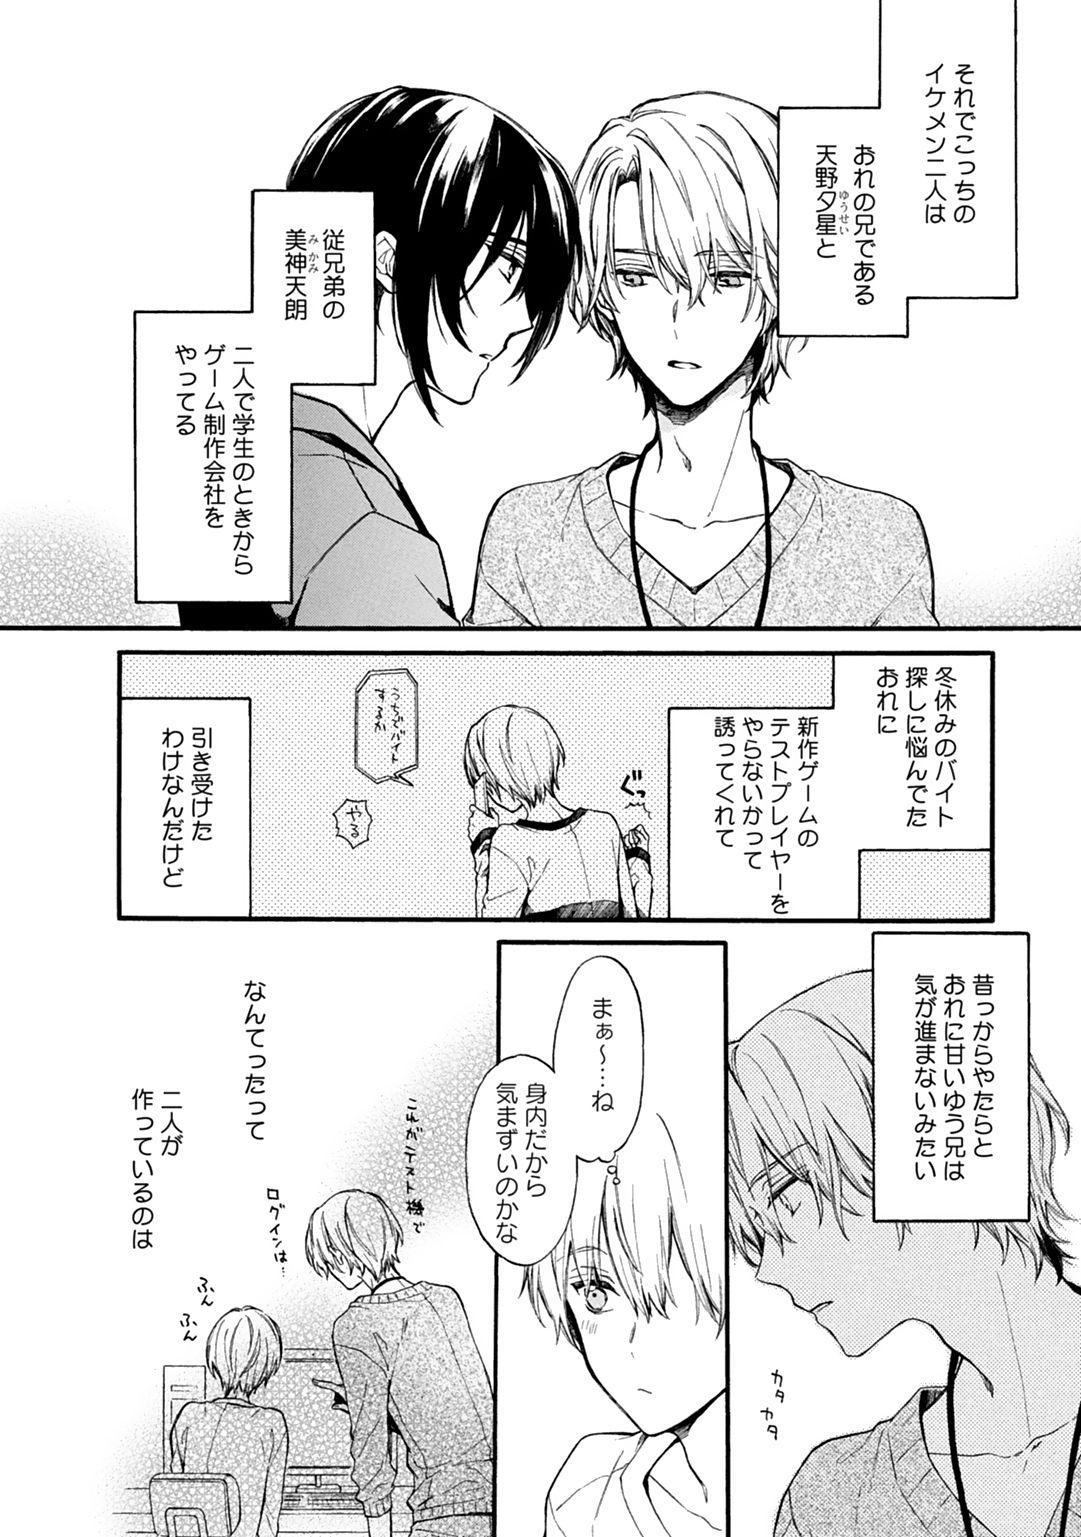 [Suzushiro Nerita] Otomege (18-kin) de Nyotaika shita Ore wa ~Clear Jouken wa Dekiai Ecchi!?~ 1-2 5